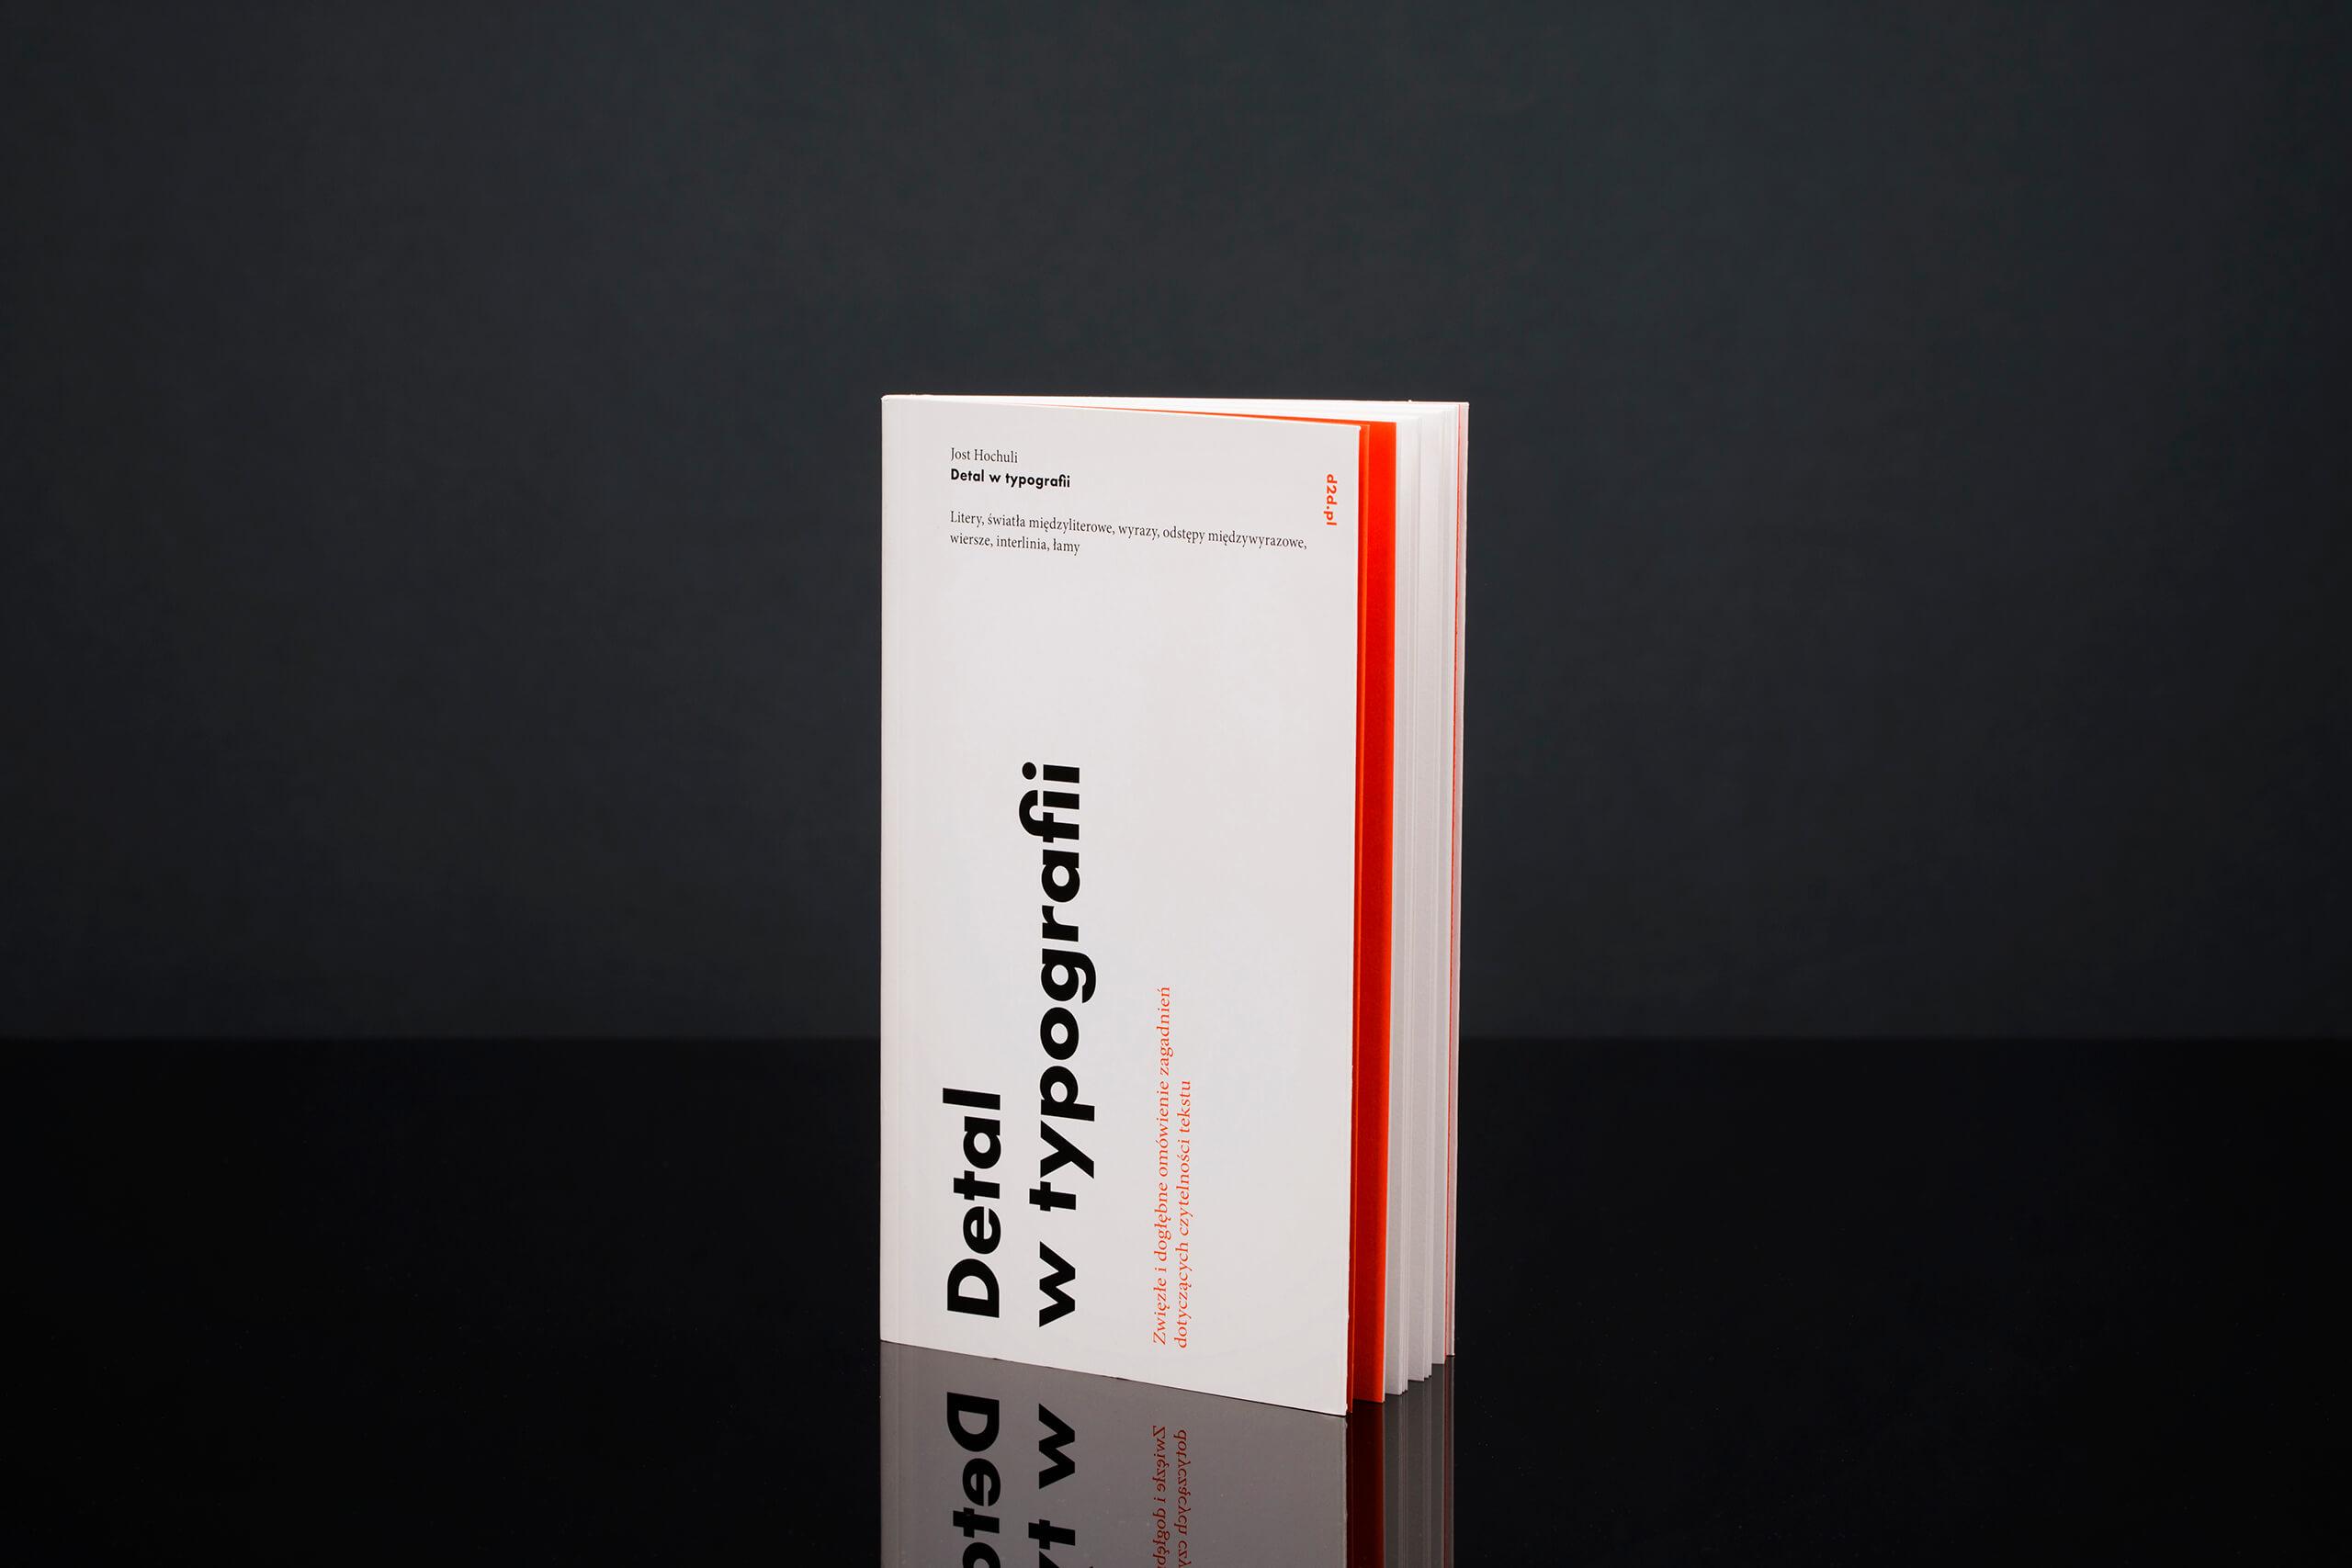 Jost Hochuli, Detal wtypografii